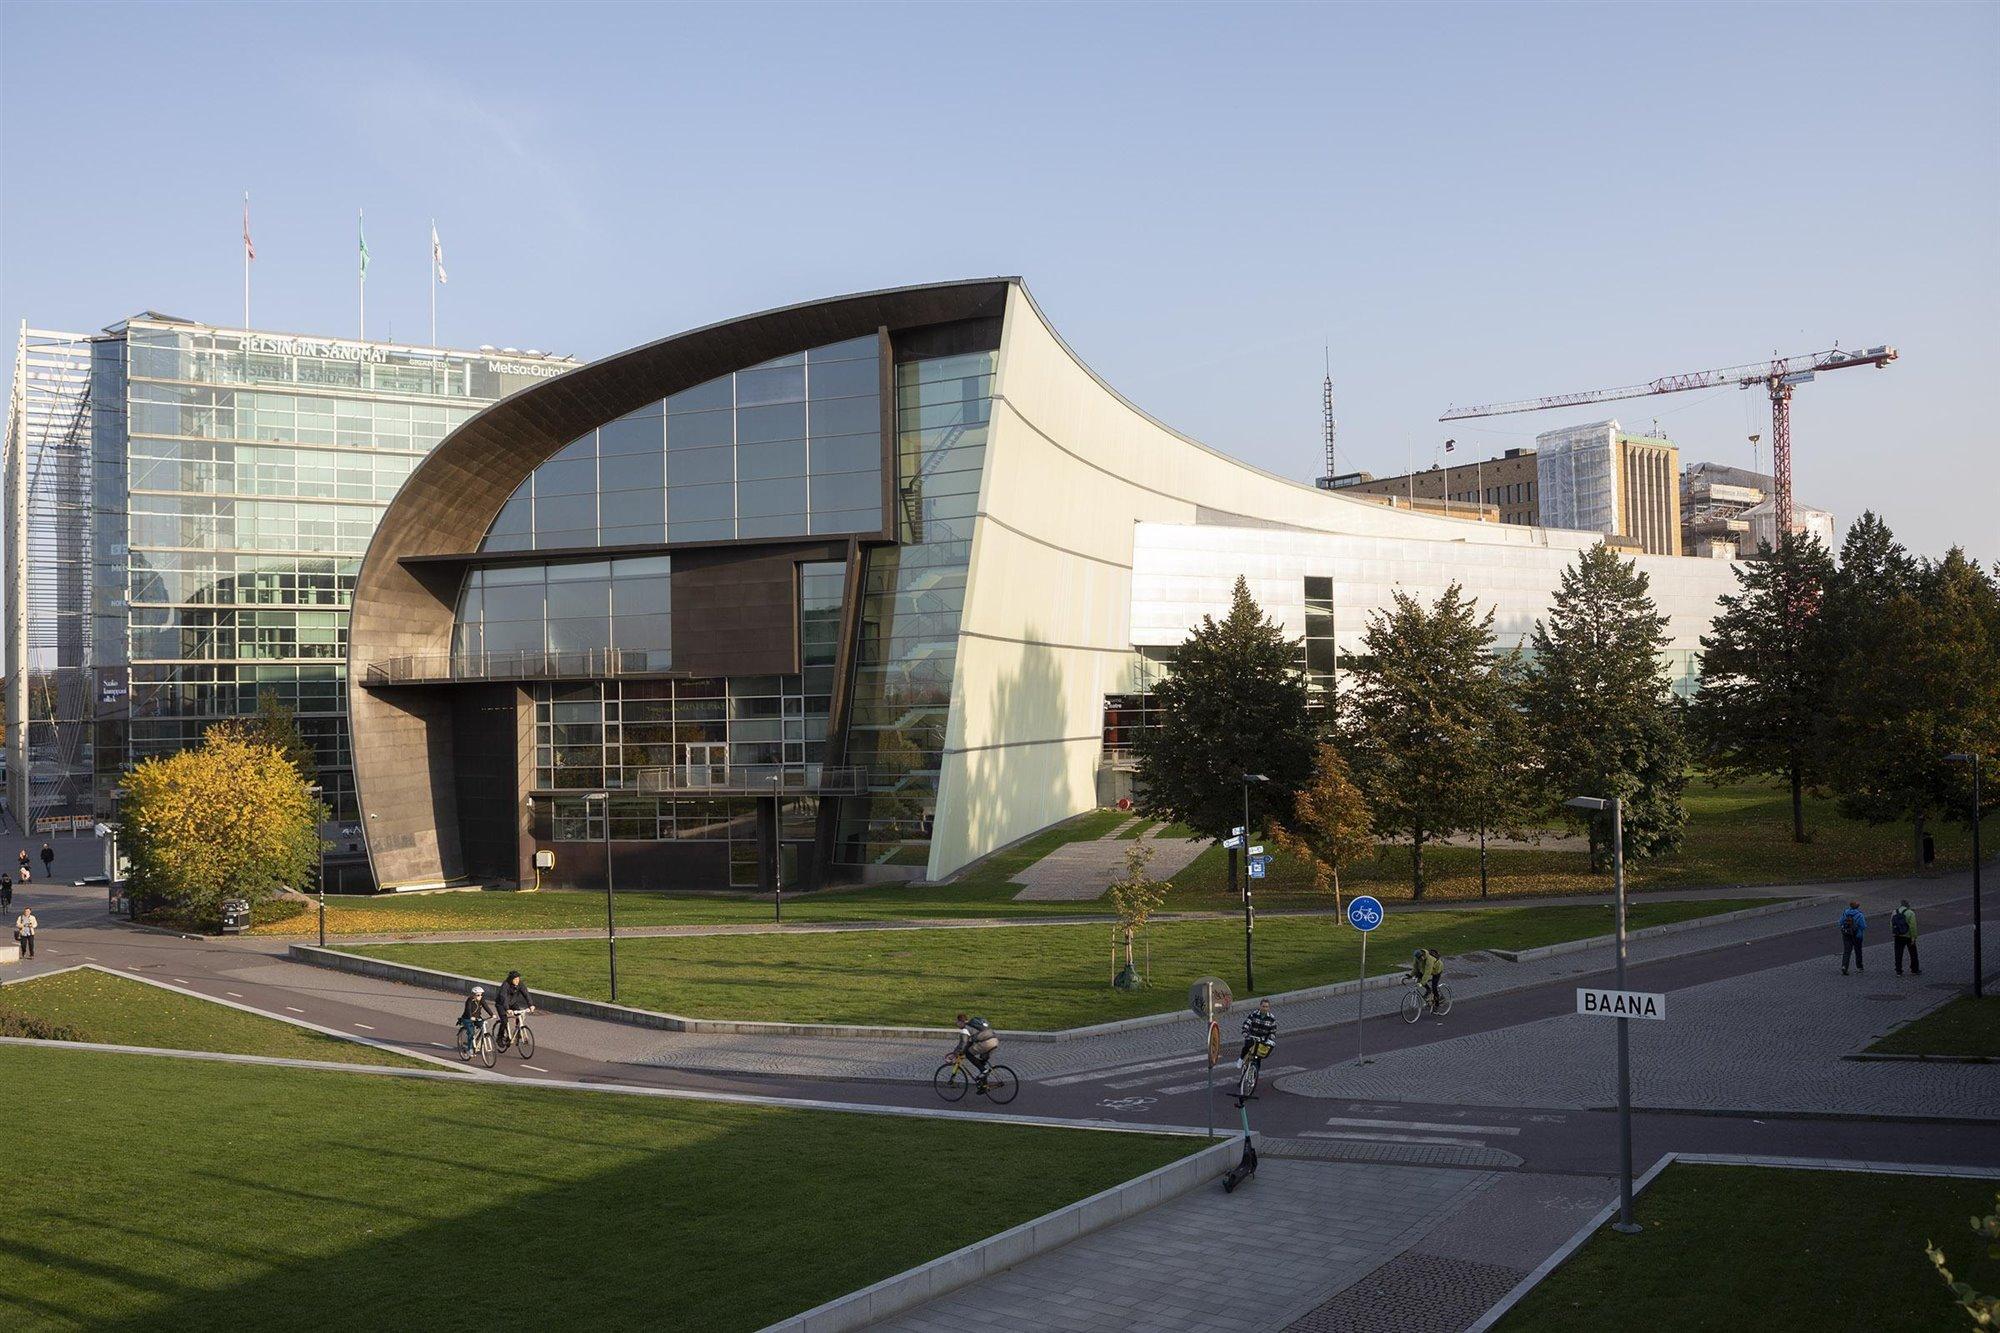 1998 Kiasma Museum of Contemporary Art